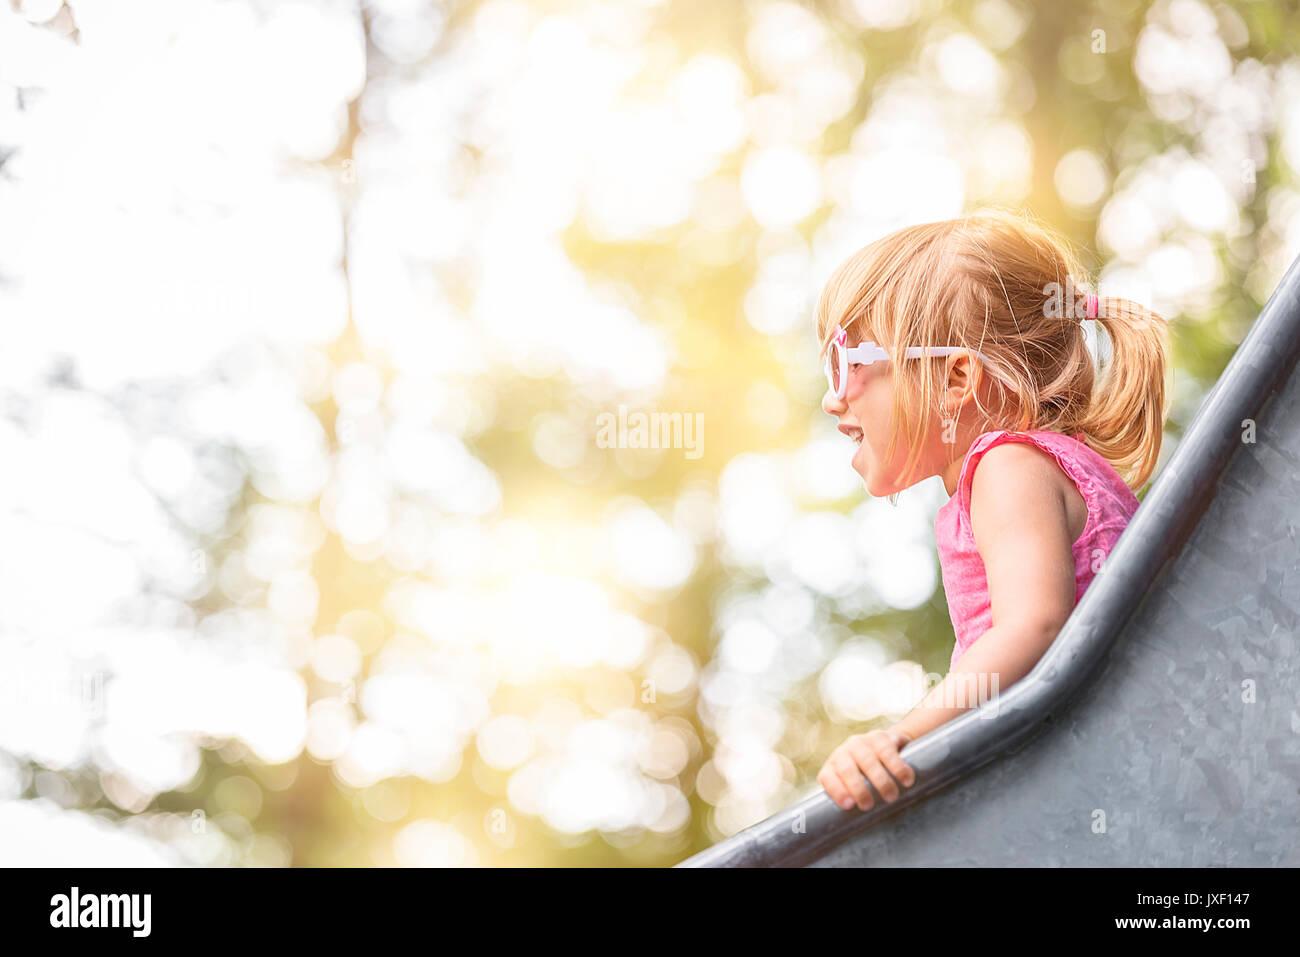 Imagen cercana con una niña divirtiéndose en una diapositiva de un parque, en un día soleado. Imagen De Stock